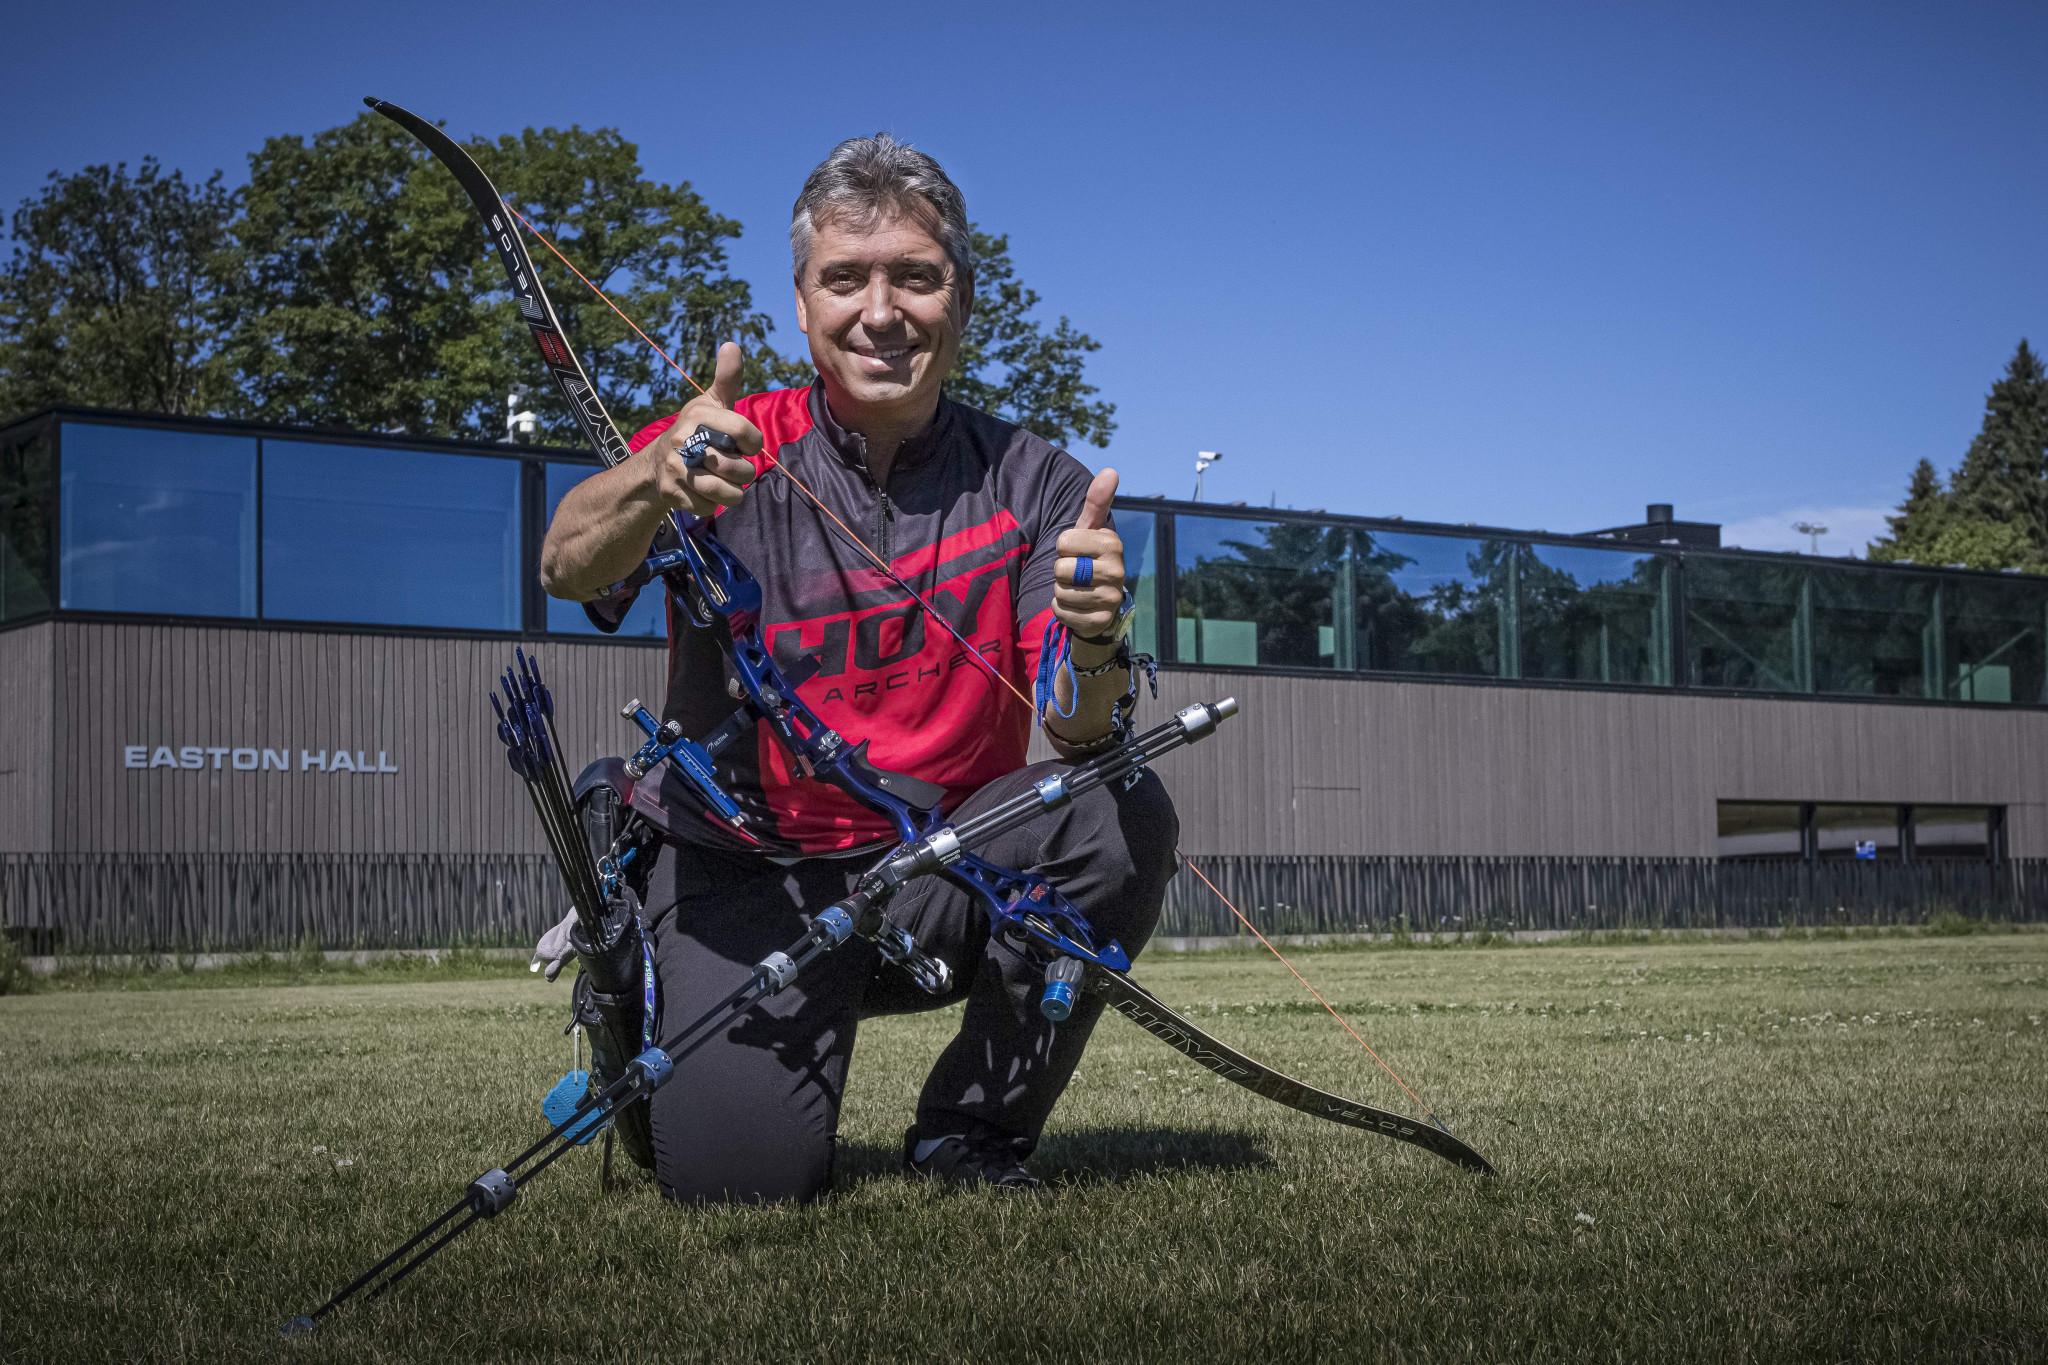 Holgado to lead Make a Mark refugee archery programme for Paris 2024